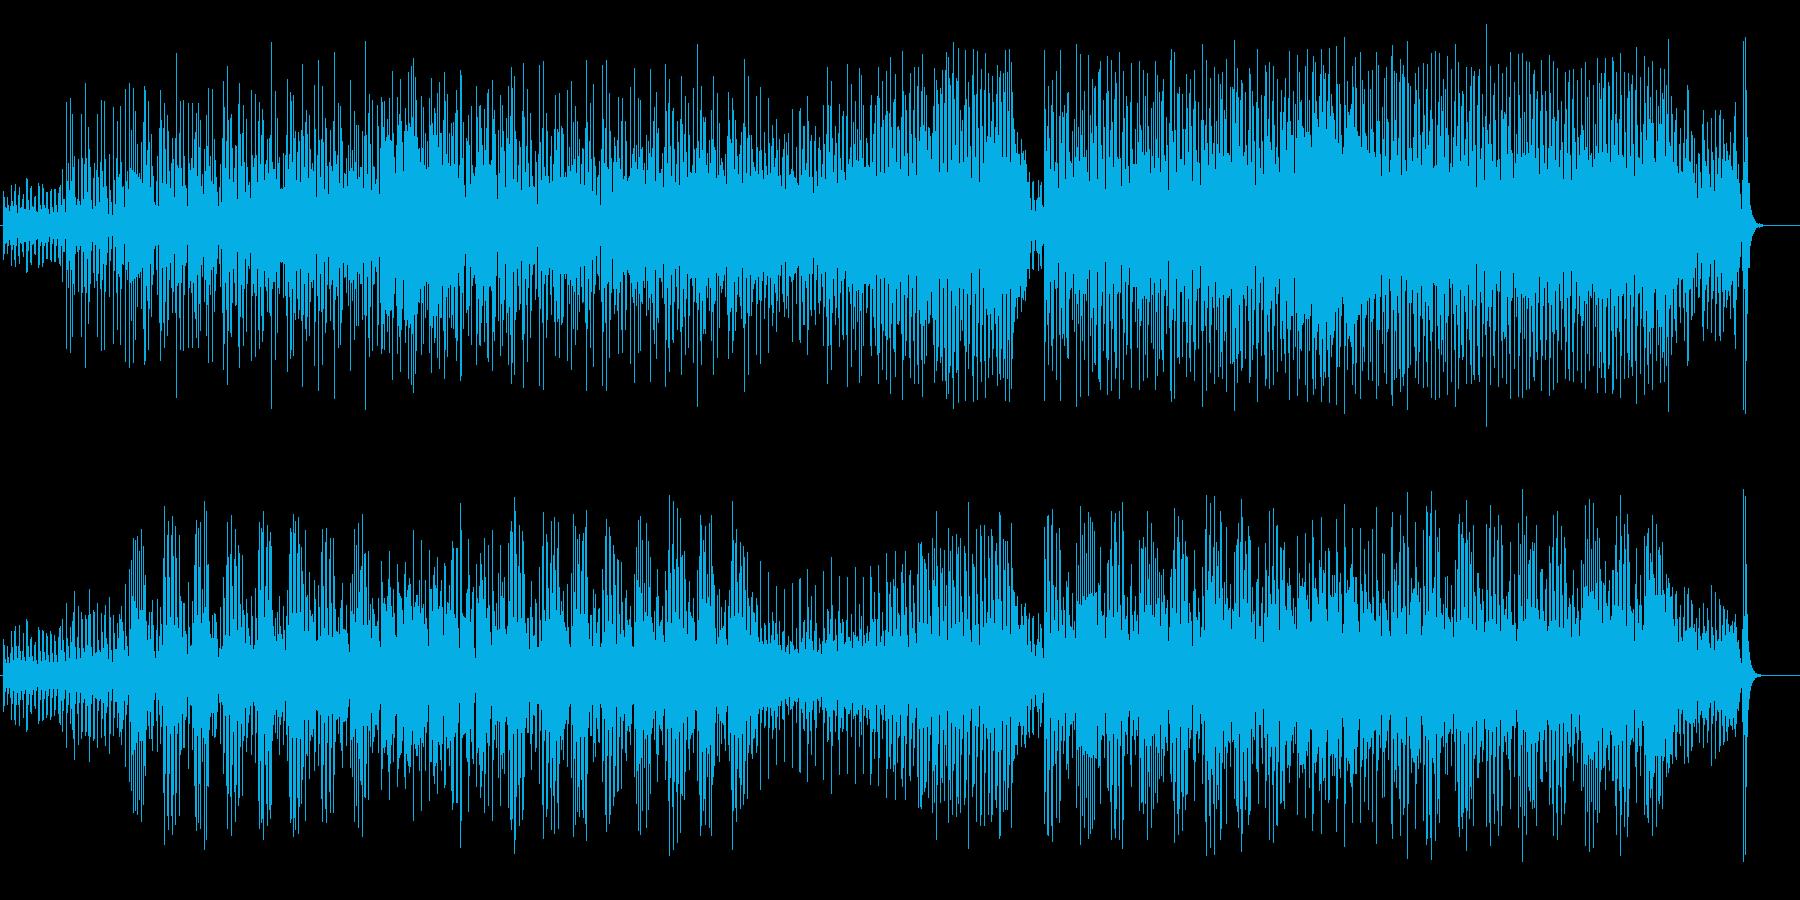 アイヌ民謡+沖縄民謡風BGMの再生済みの波形